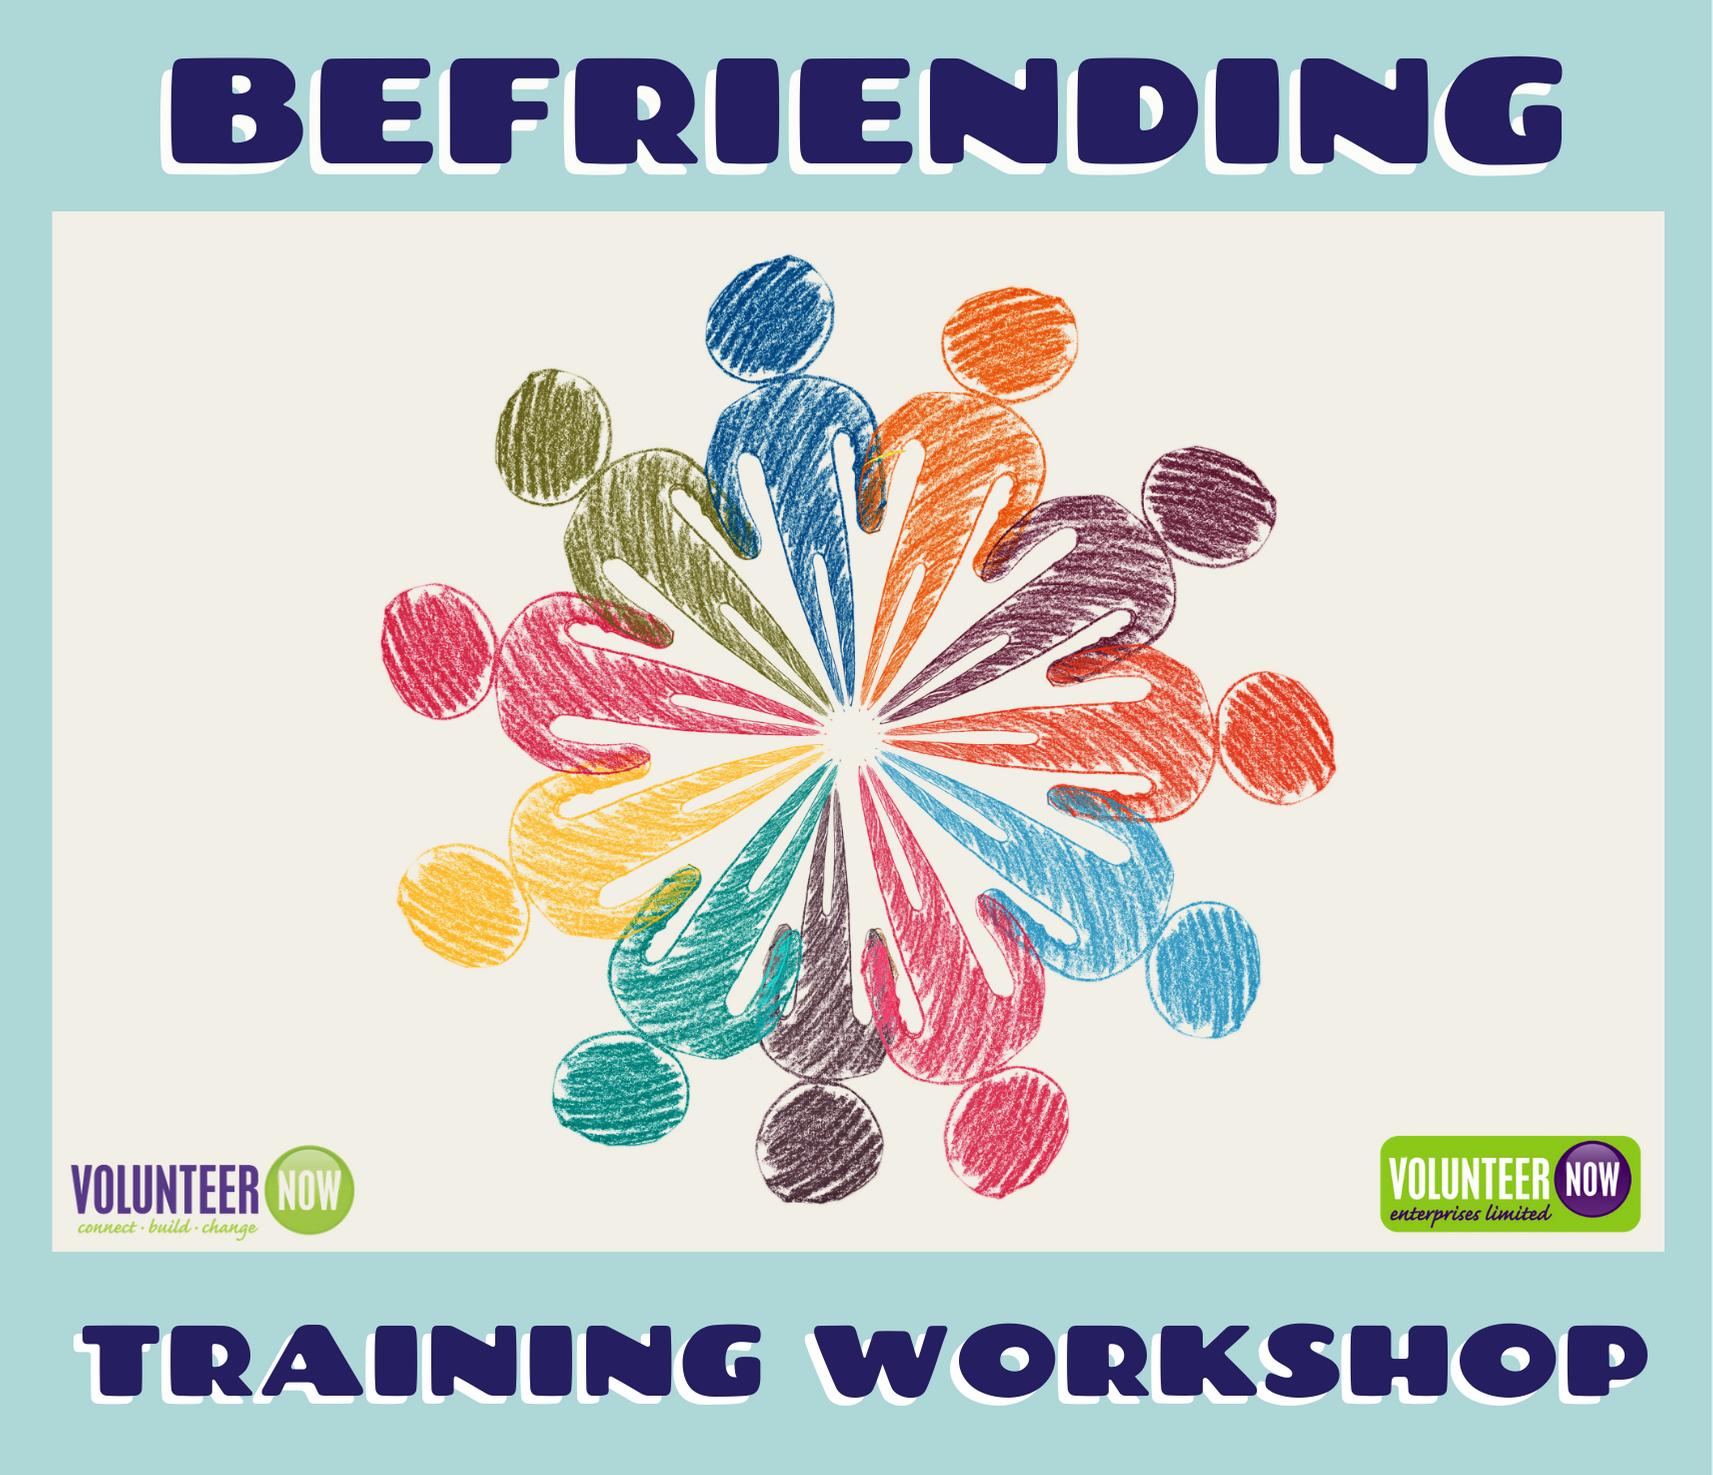 Befriending training workshop